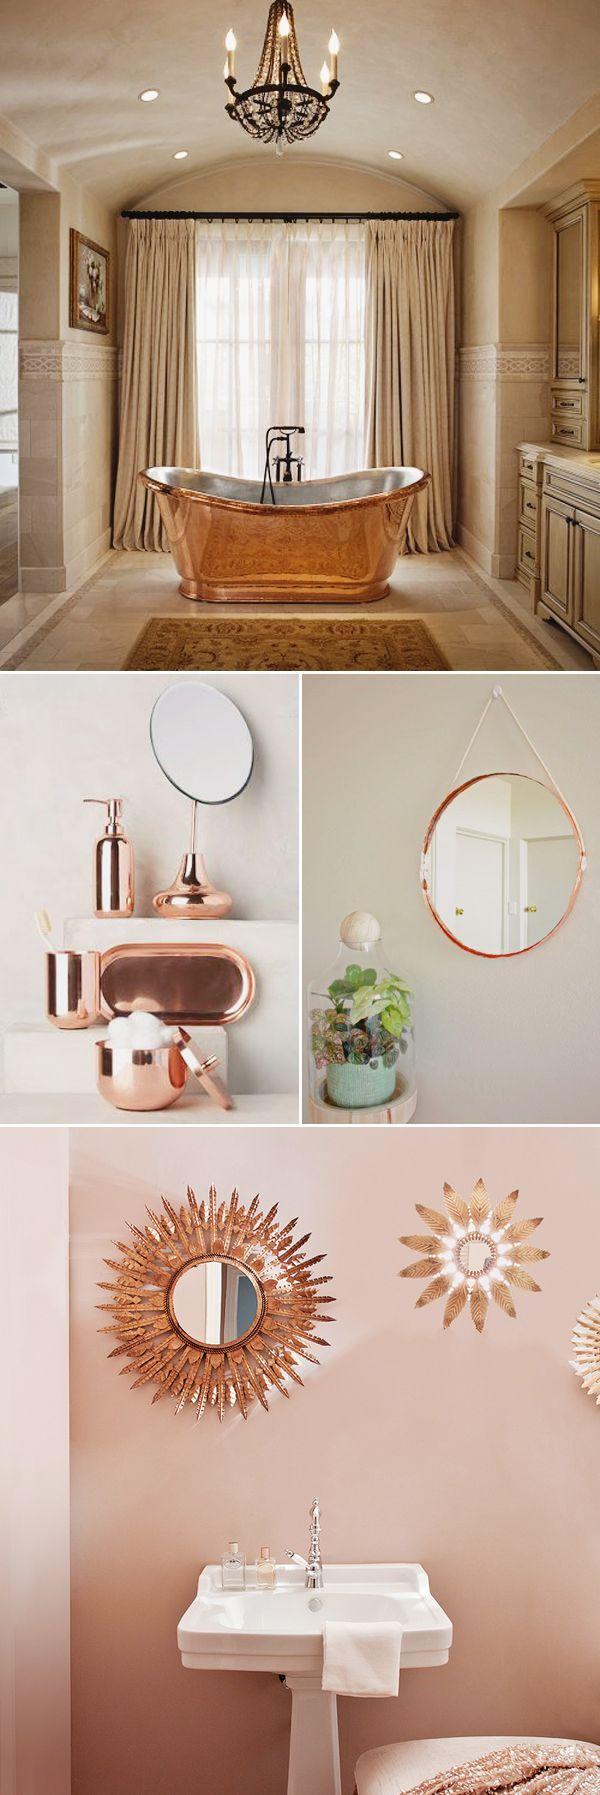 best 25 gold living rooms ideas on pinterest gold live. Black Bedroom Furniture Sets. Home Design Ideas